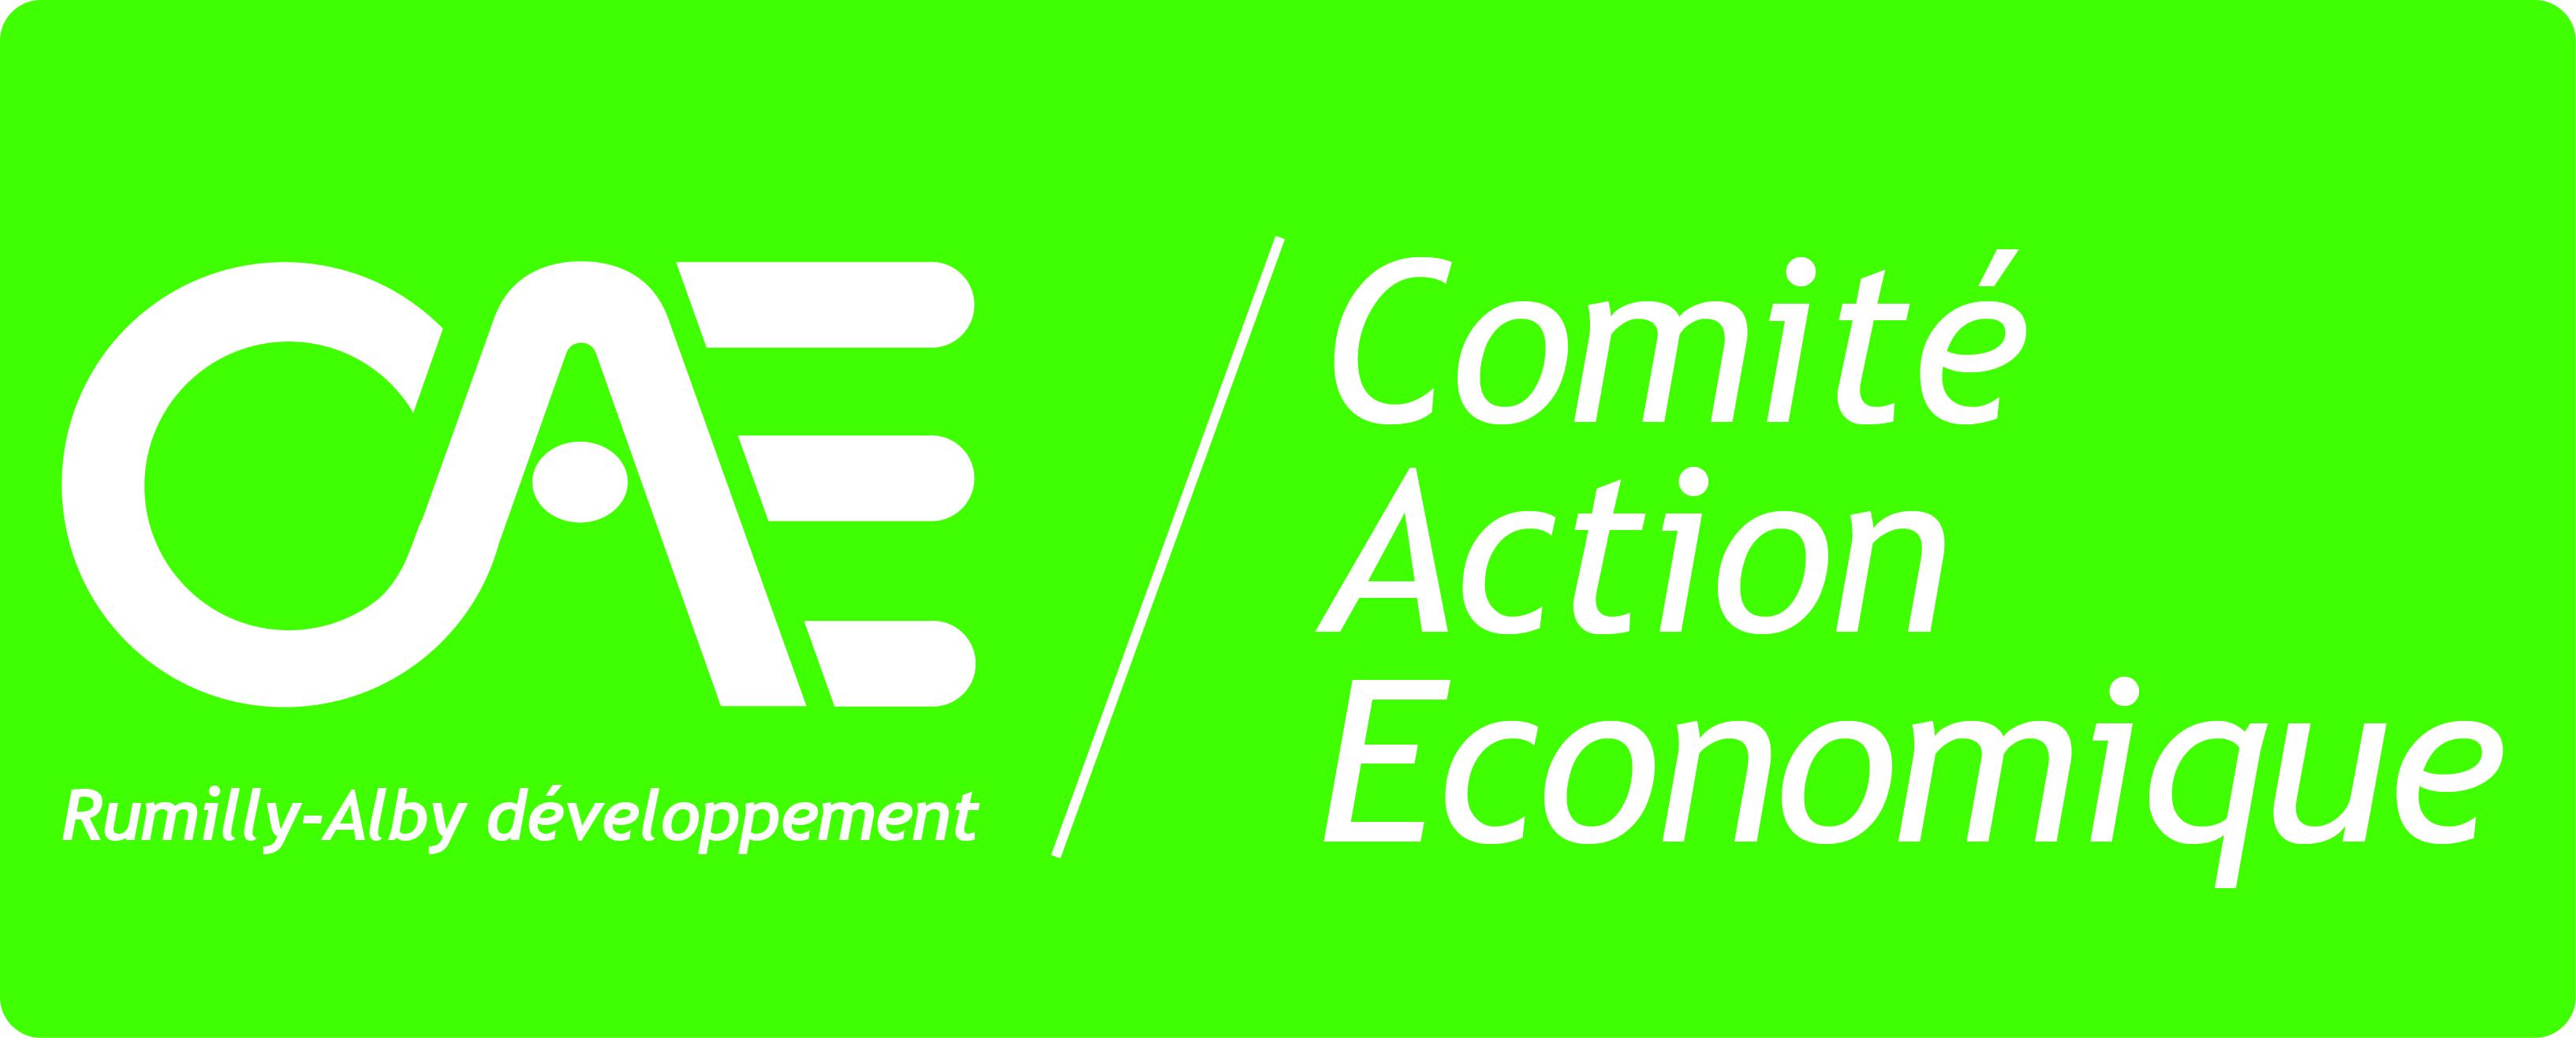 logo_CAE2010